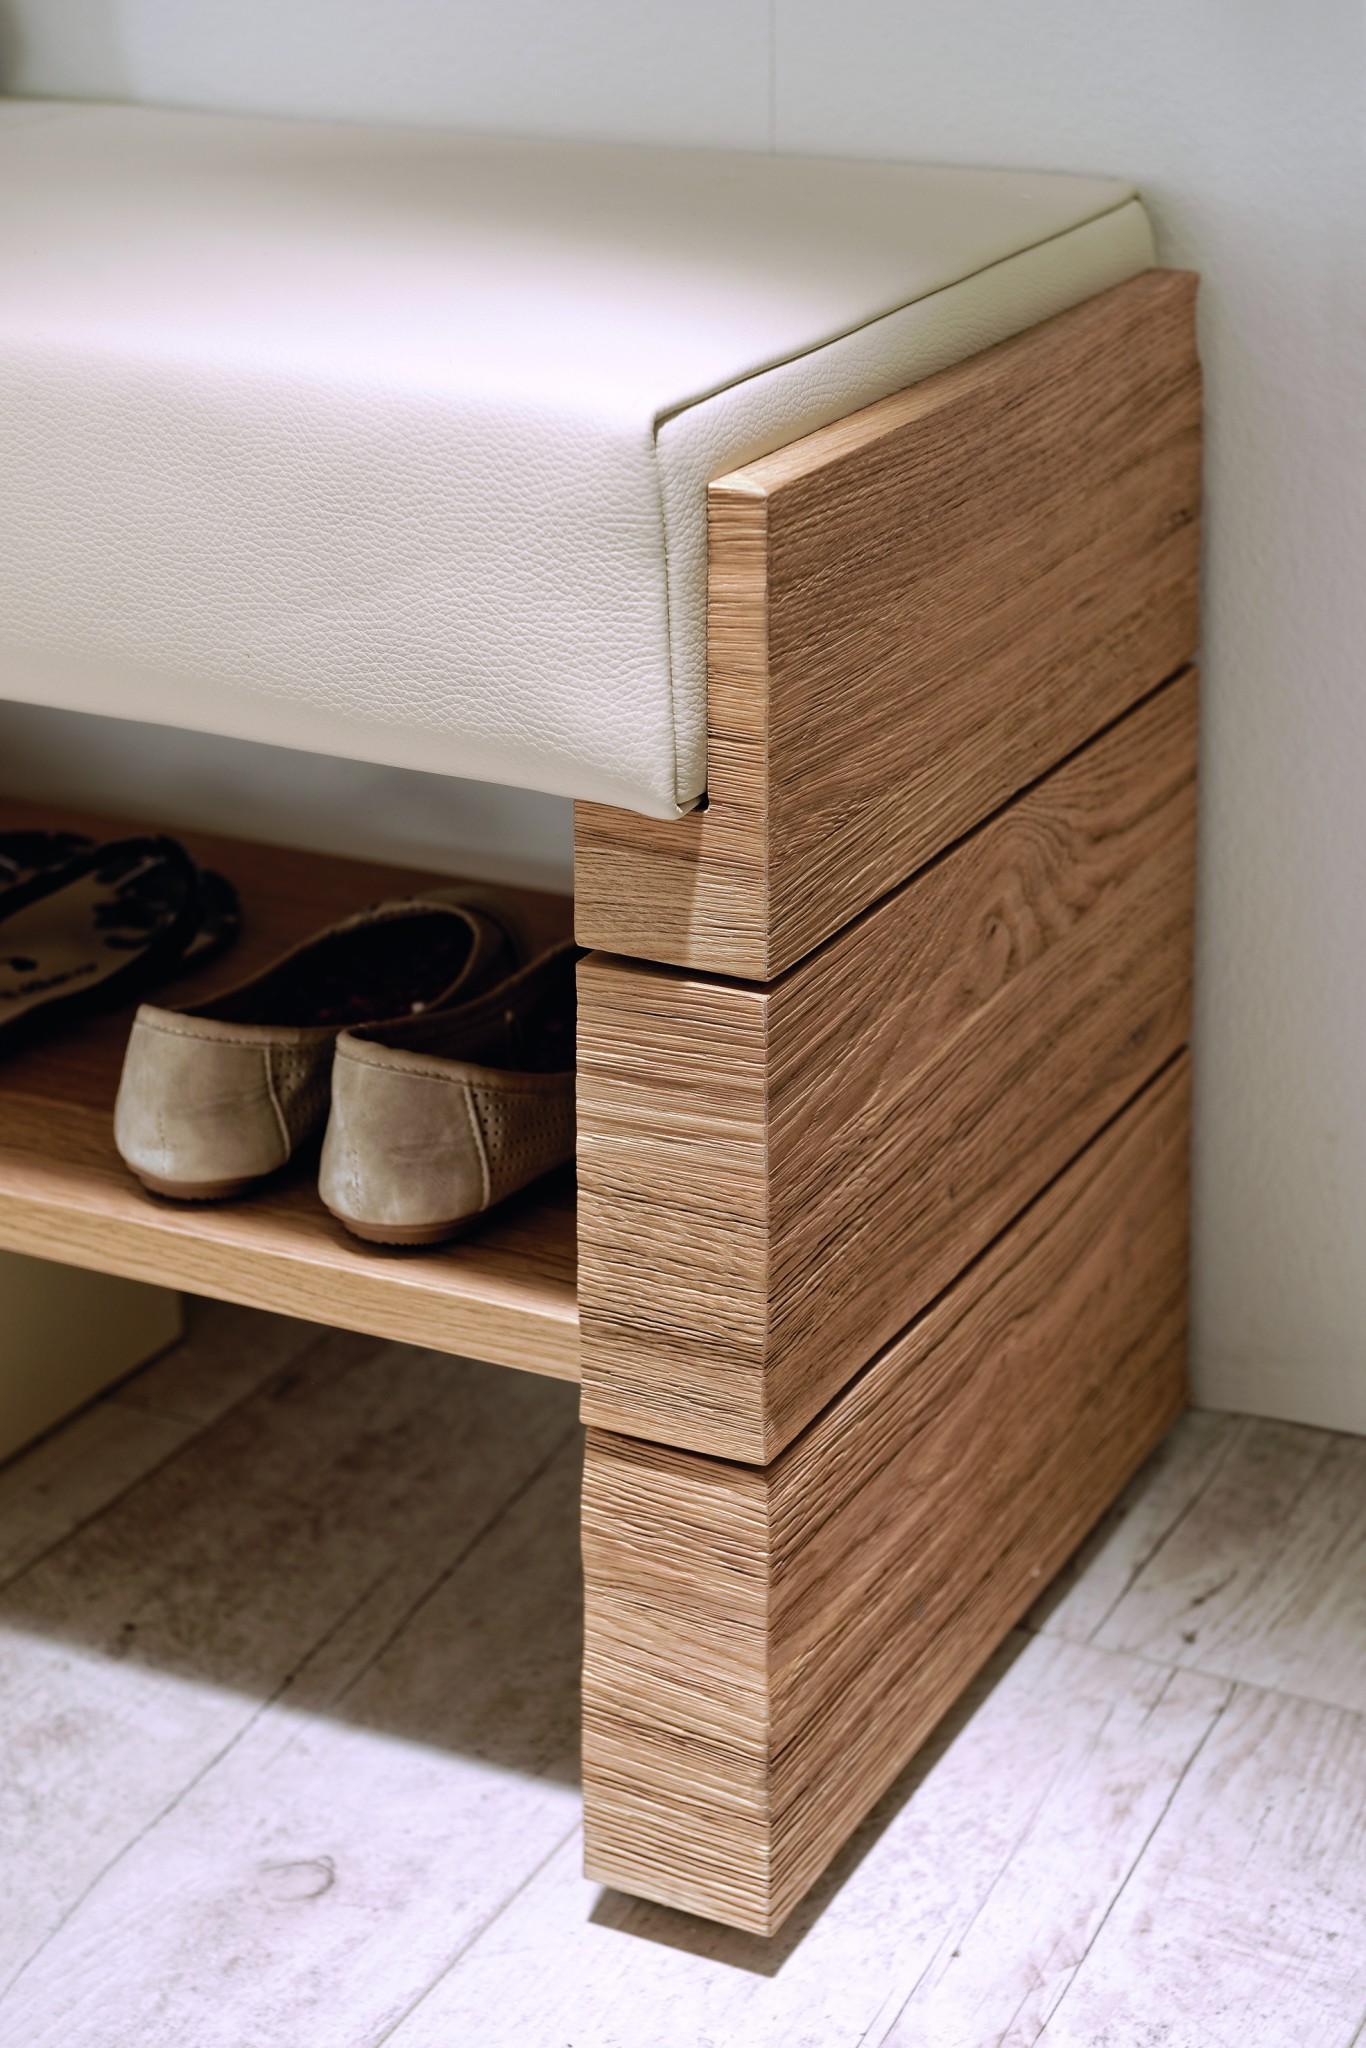 vorzimmer v montana von voglauer in wildeiche vollholz ge lt m bel polt m belhaus. Black Bedroom Furniture Sets. Home Design Ideas